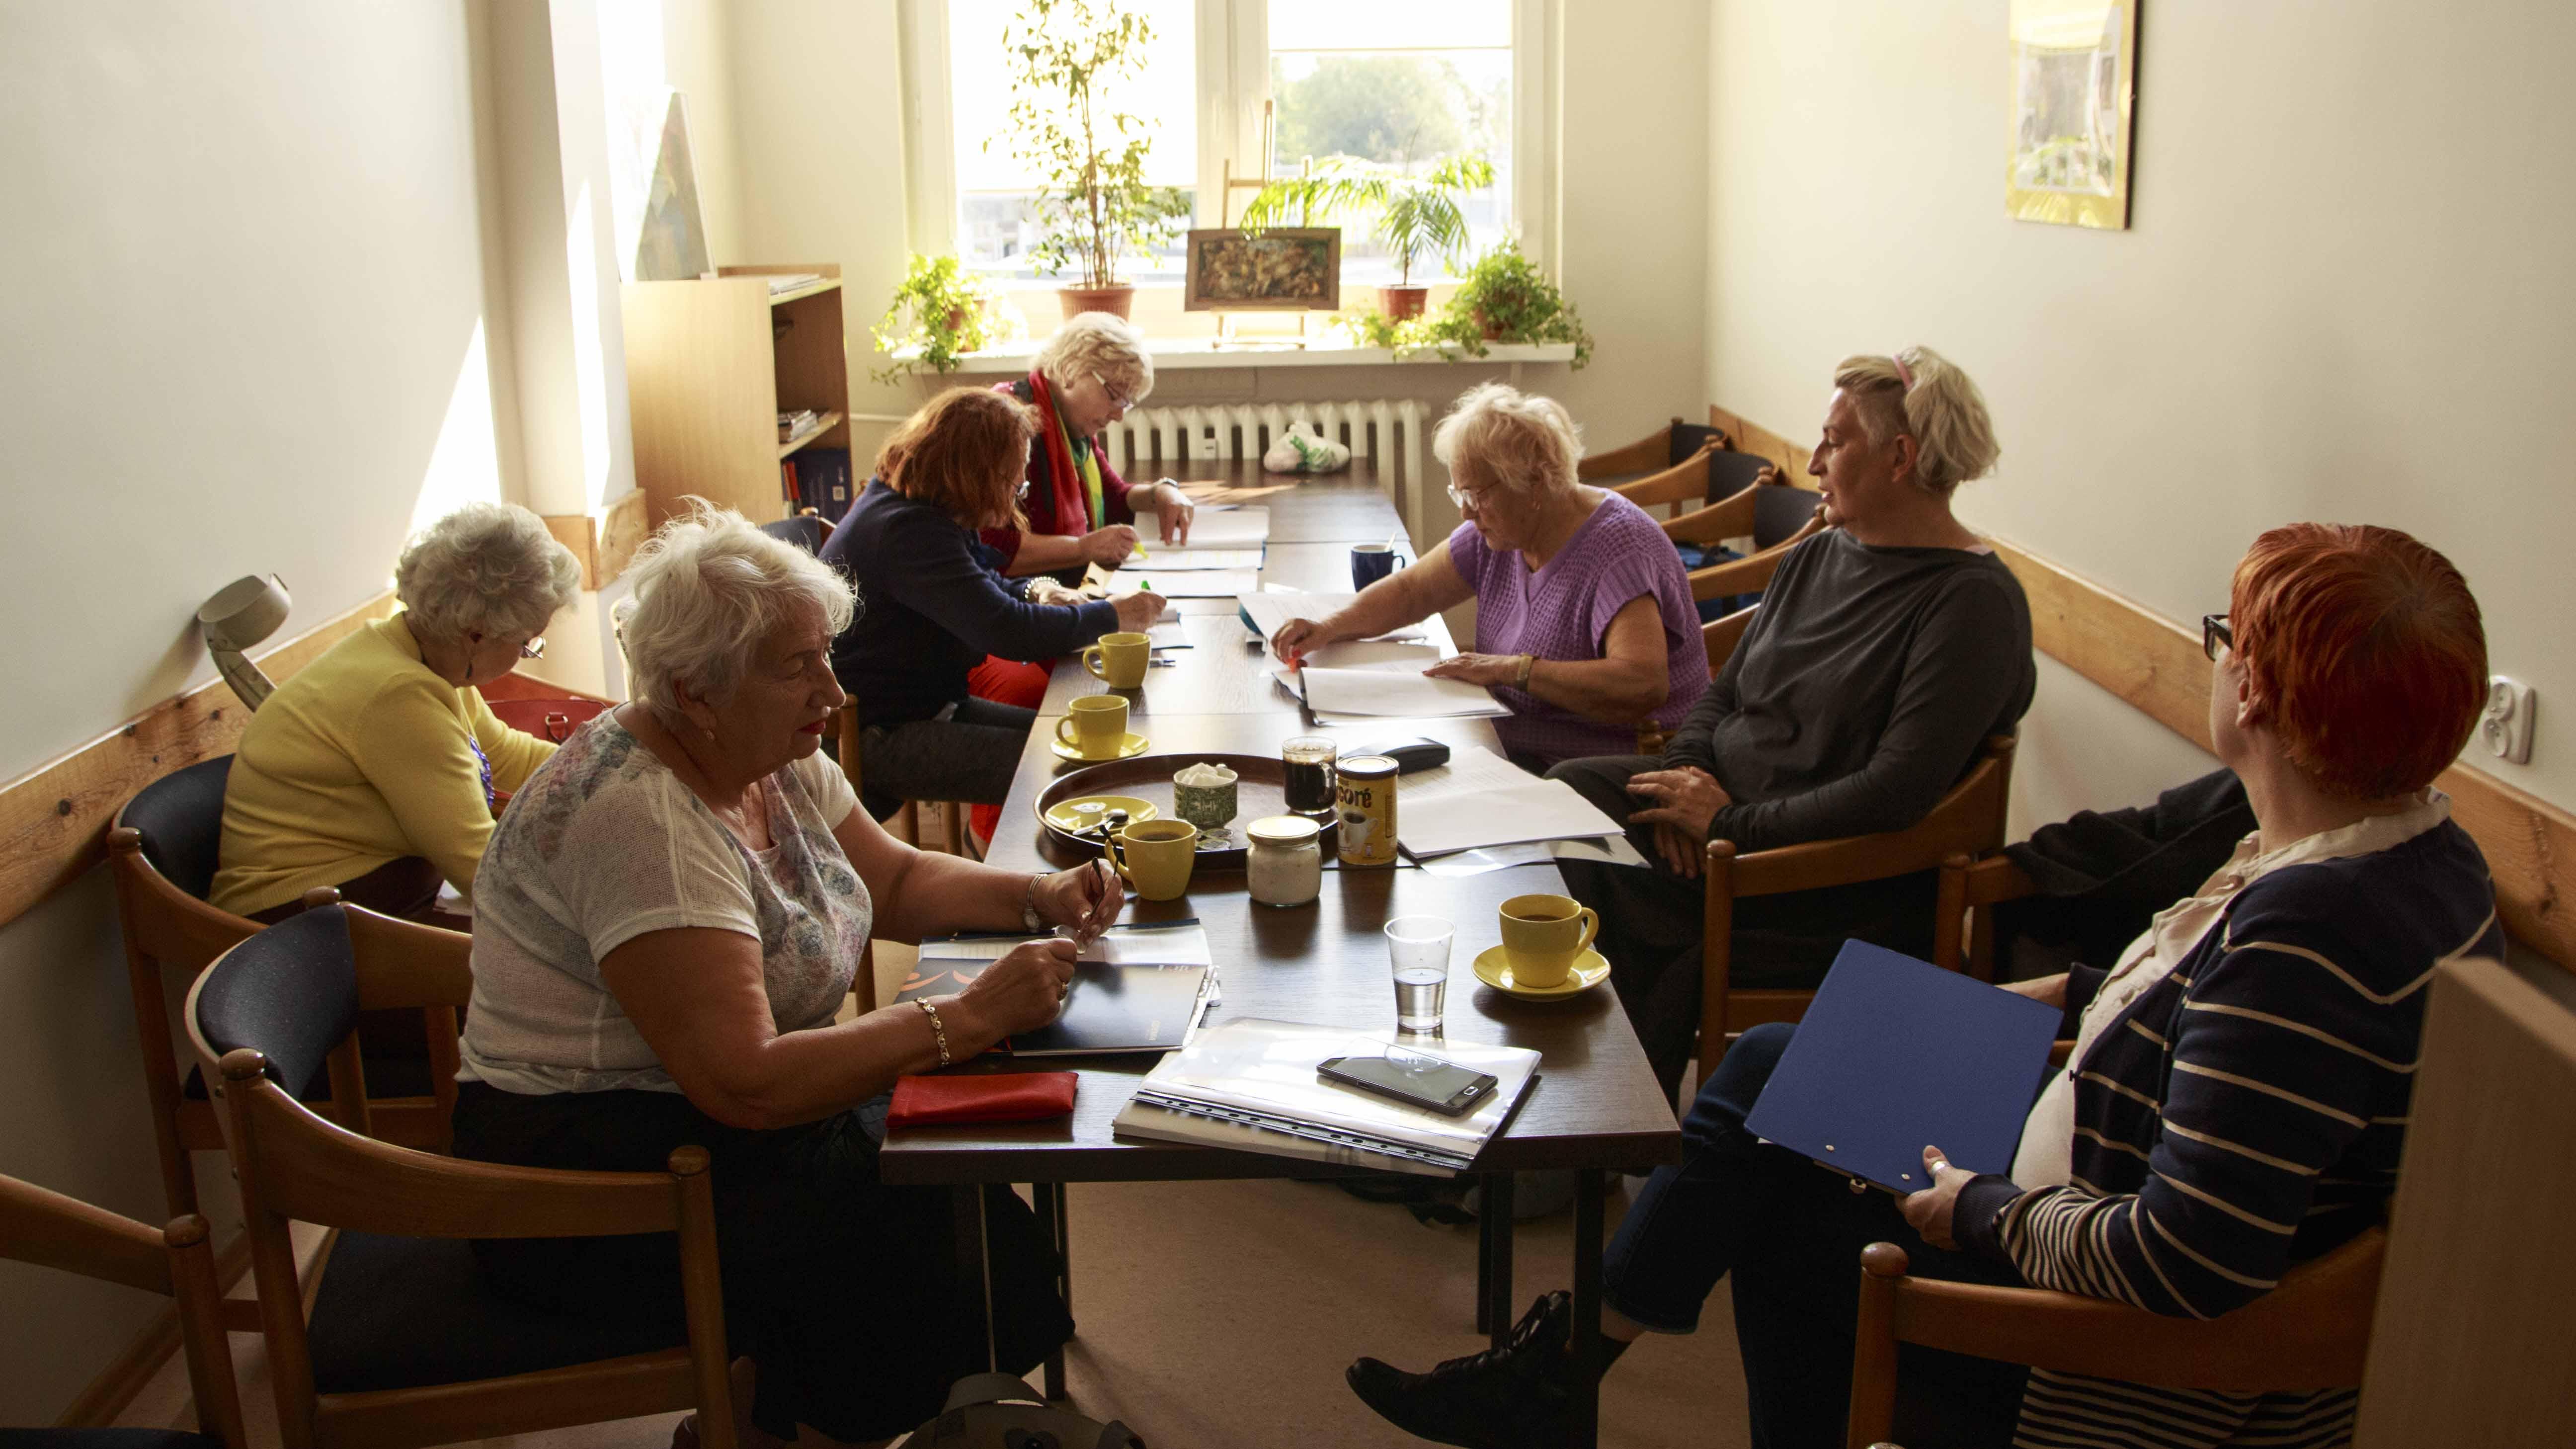 Zdjęcie z projektu Chór dzielnicowy. Kilka starszych kobiet przy stole podczas próby, pochylonych nad scenariuszami.